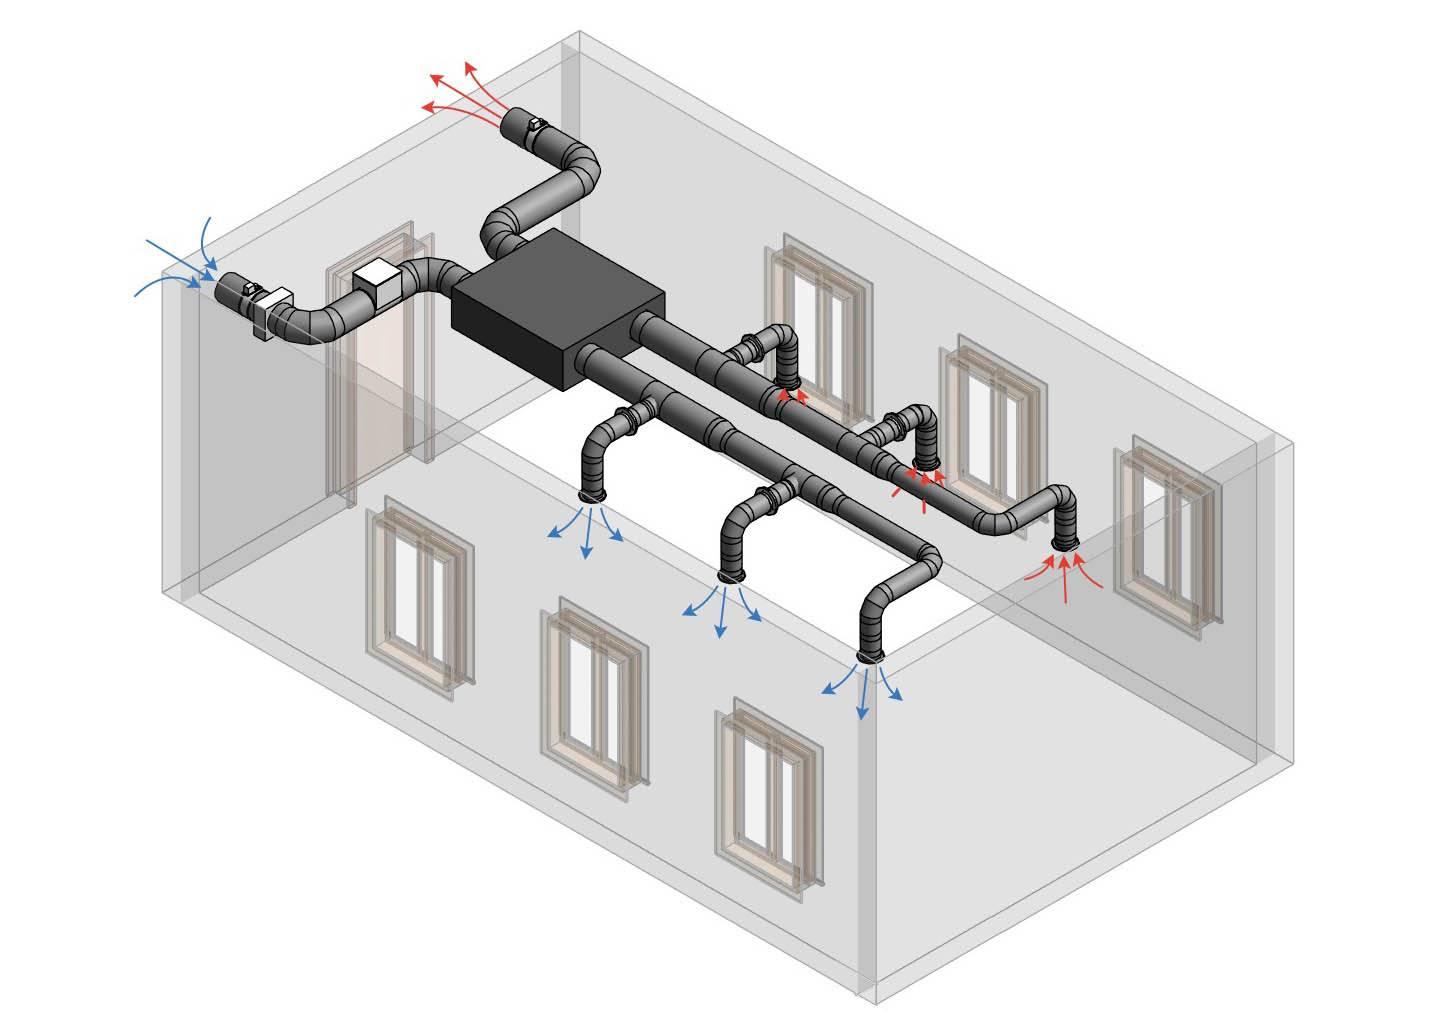 Калорифер для приточной вентиляции: расчет мощности водяного и электрического агрегата, обвязка электрокалорифера